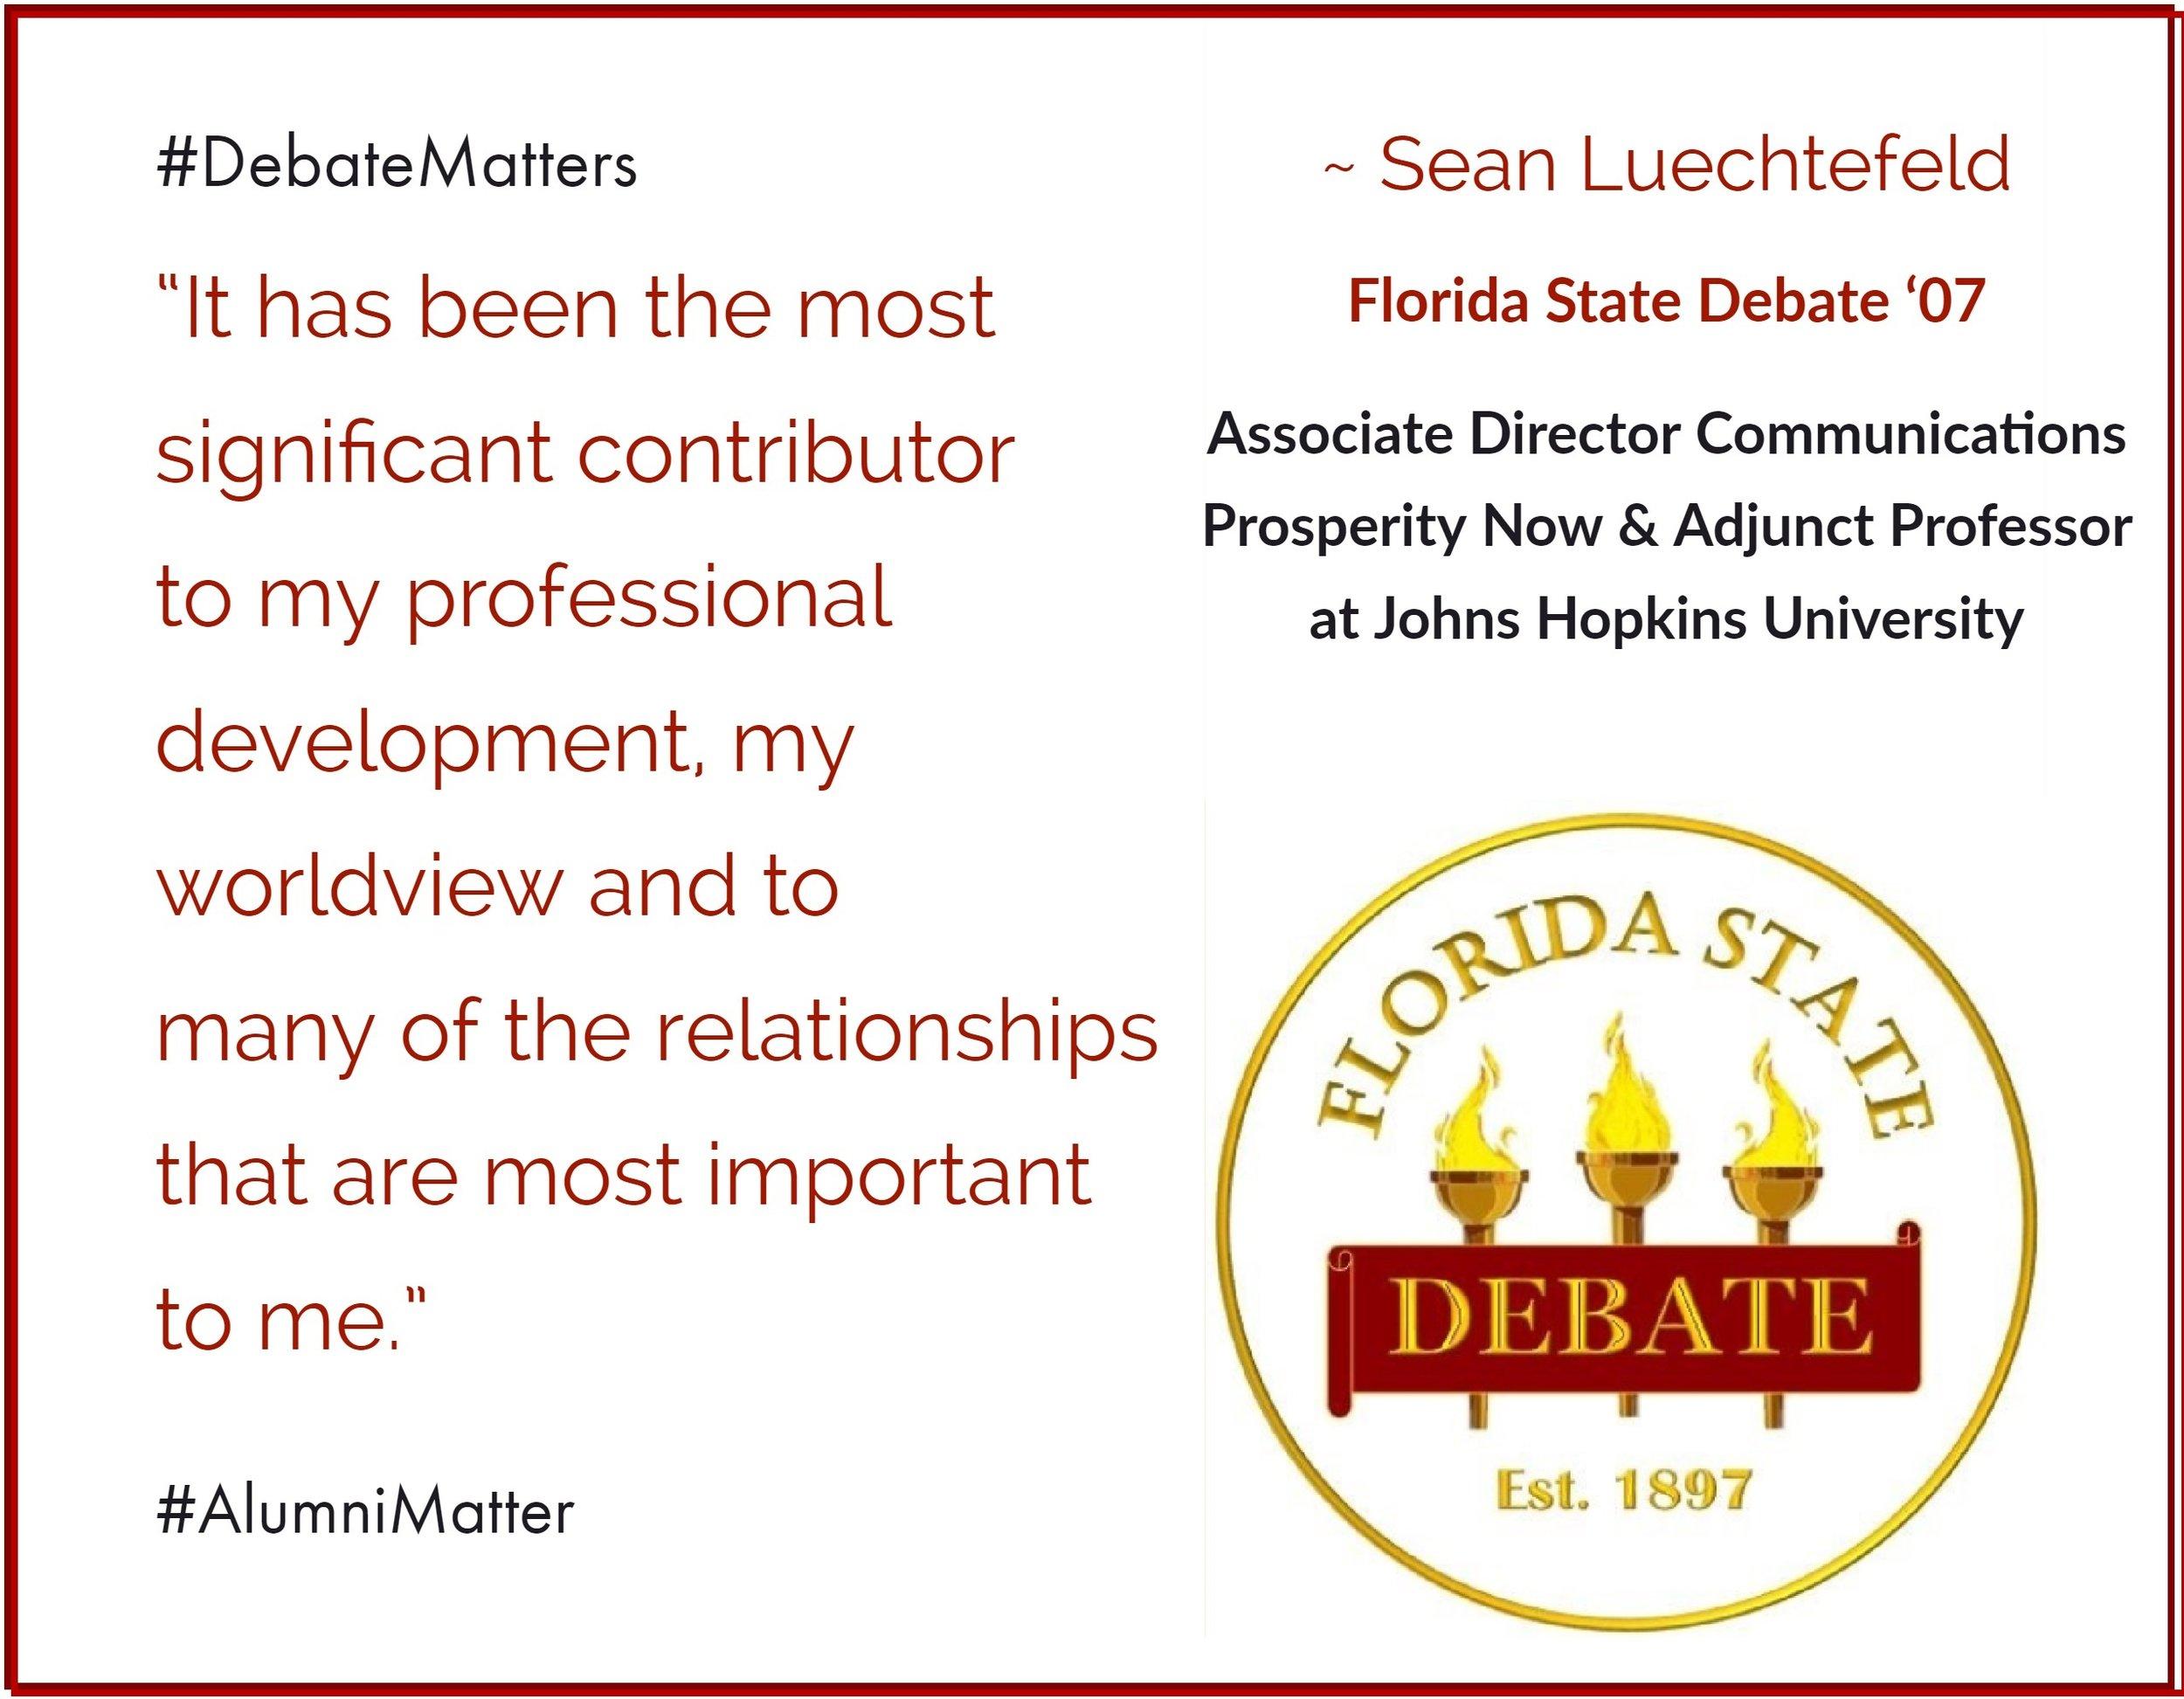 #DebateMatters Sean Luechtefeld '07